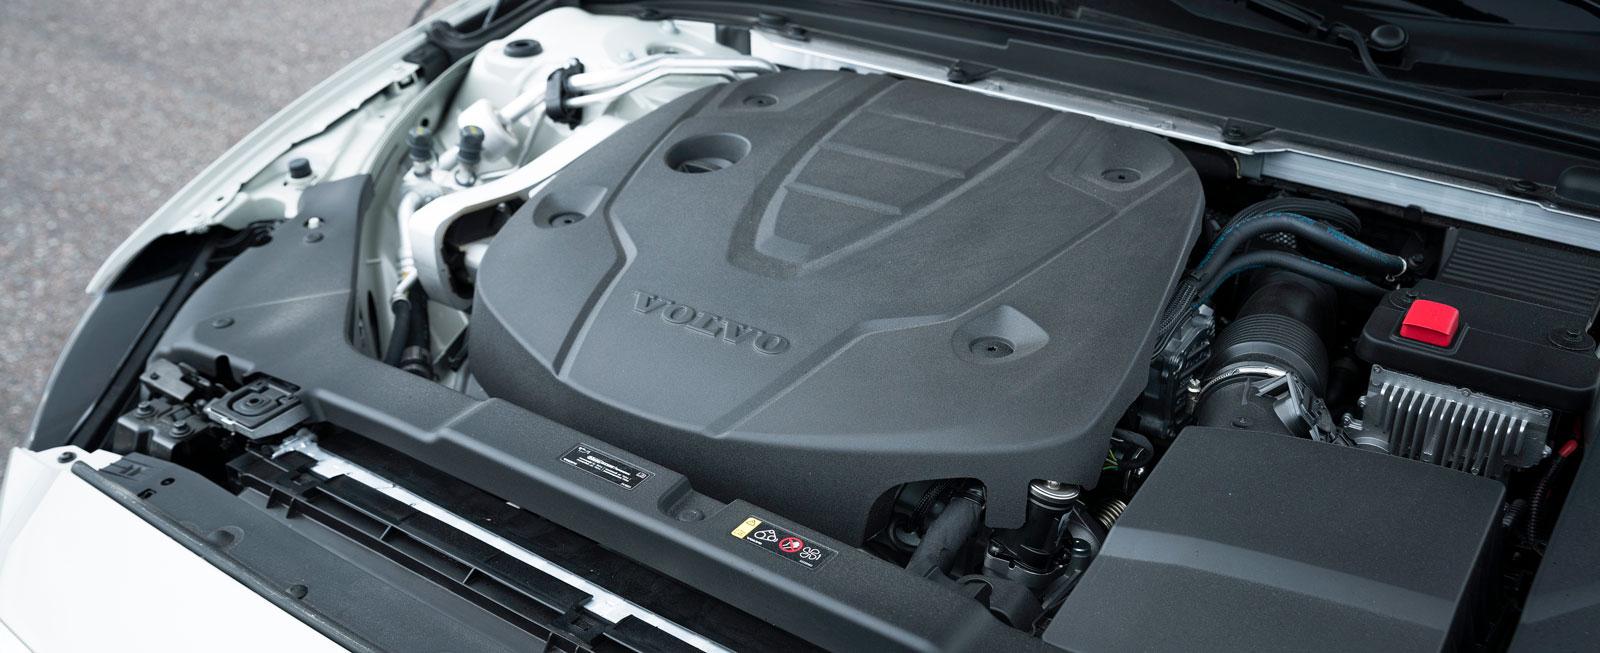 """Snålast i testet och stark i alla lägen, men riktigt lika väl avstämd som Audi är Volvo inte. Vid mellangas på lågvarv kan drivningen """"tappa andan""""."""